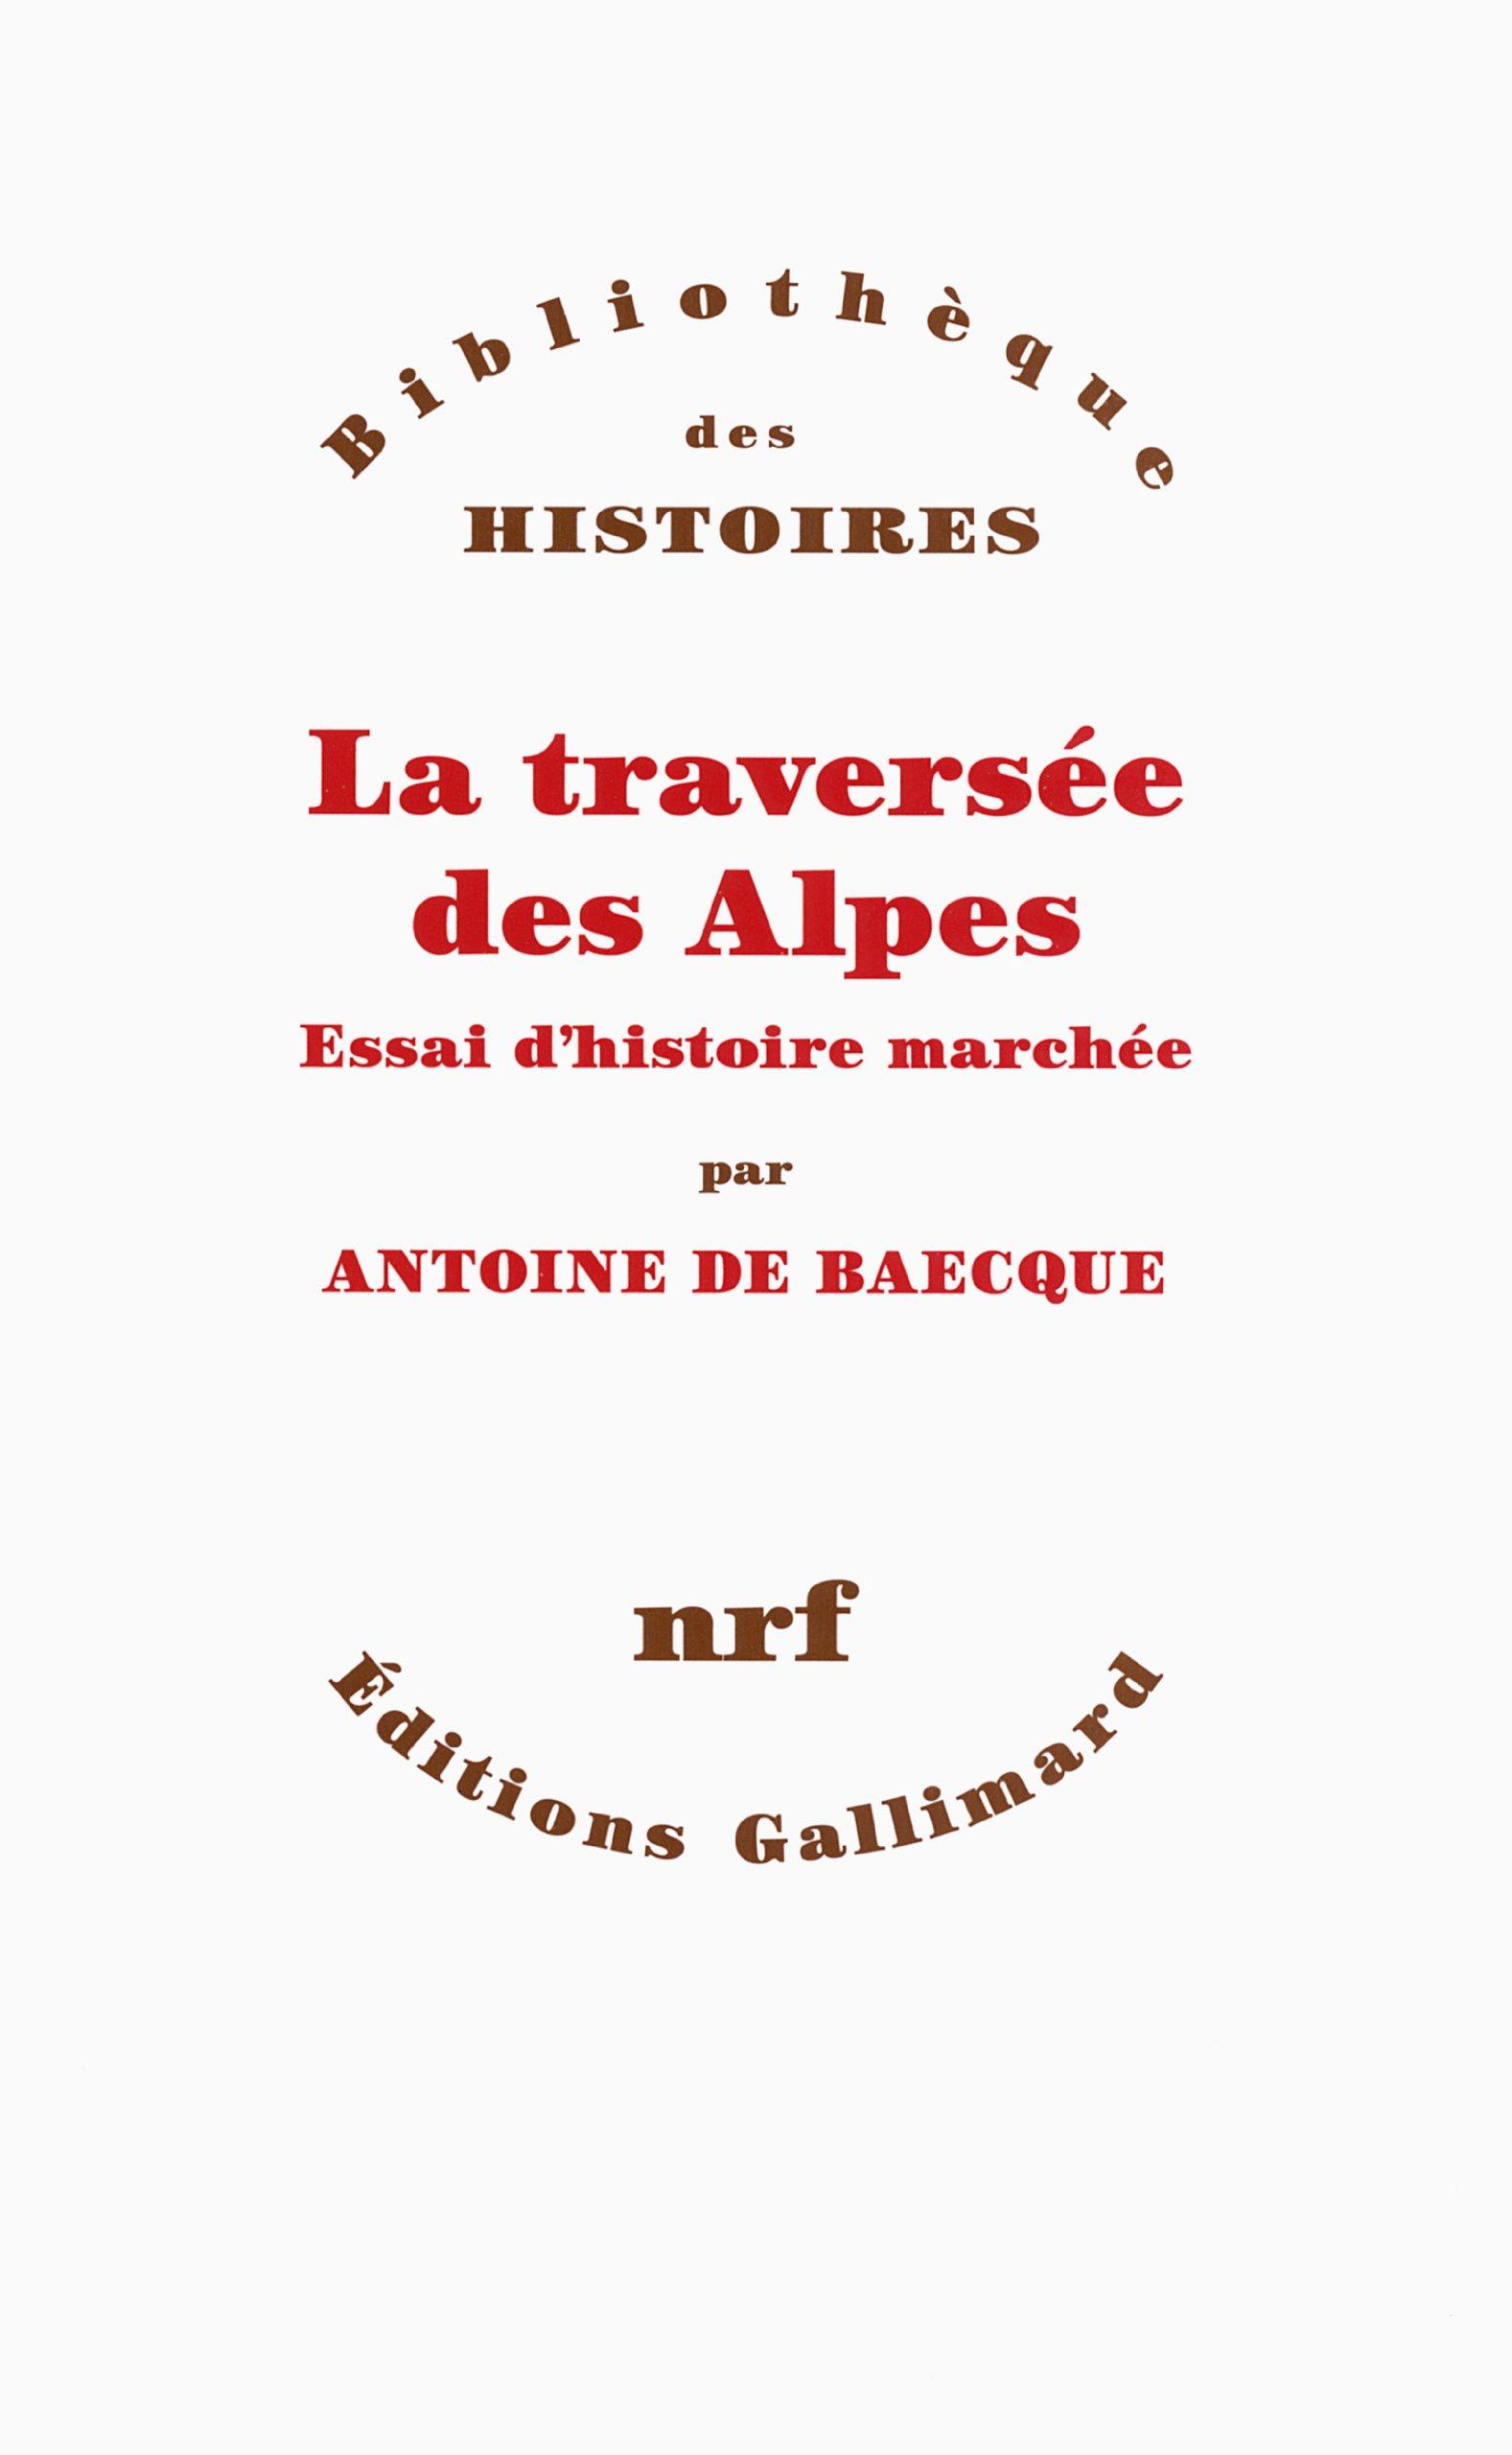 La traversée des Alpes. Essai d'histoire marchée - Antoine de Baecque